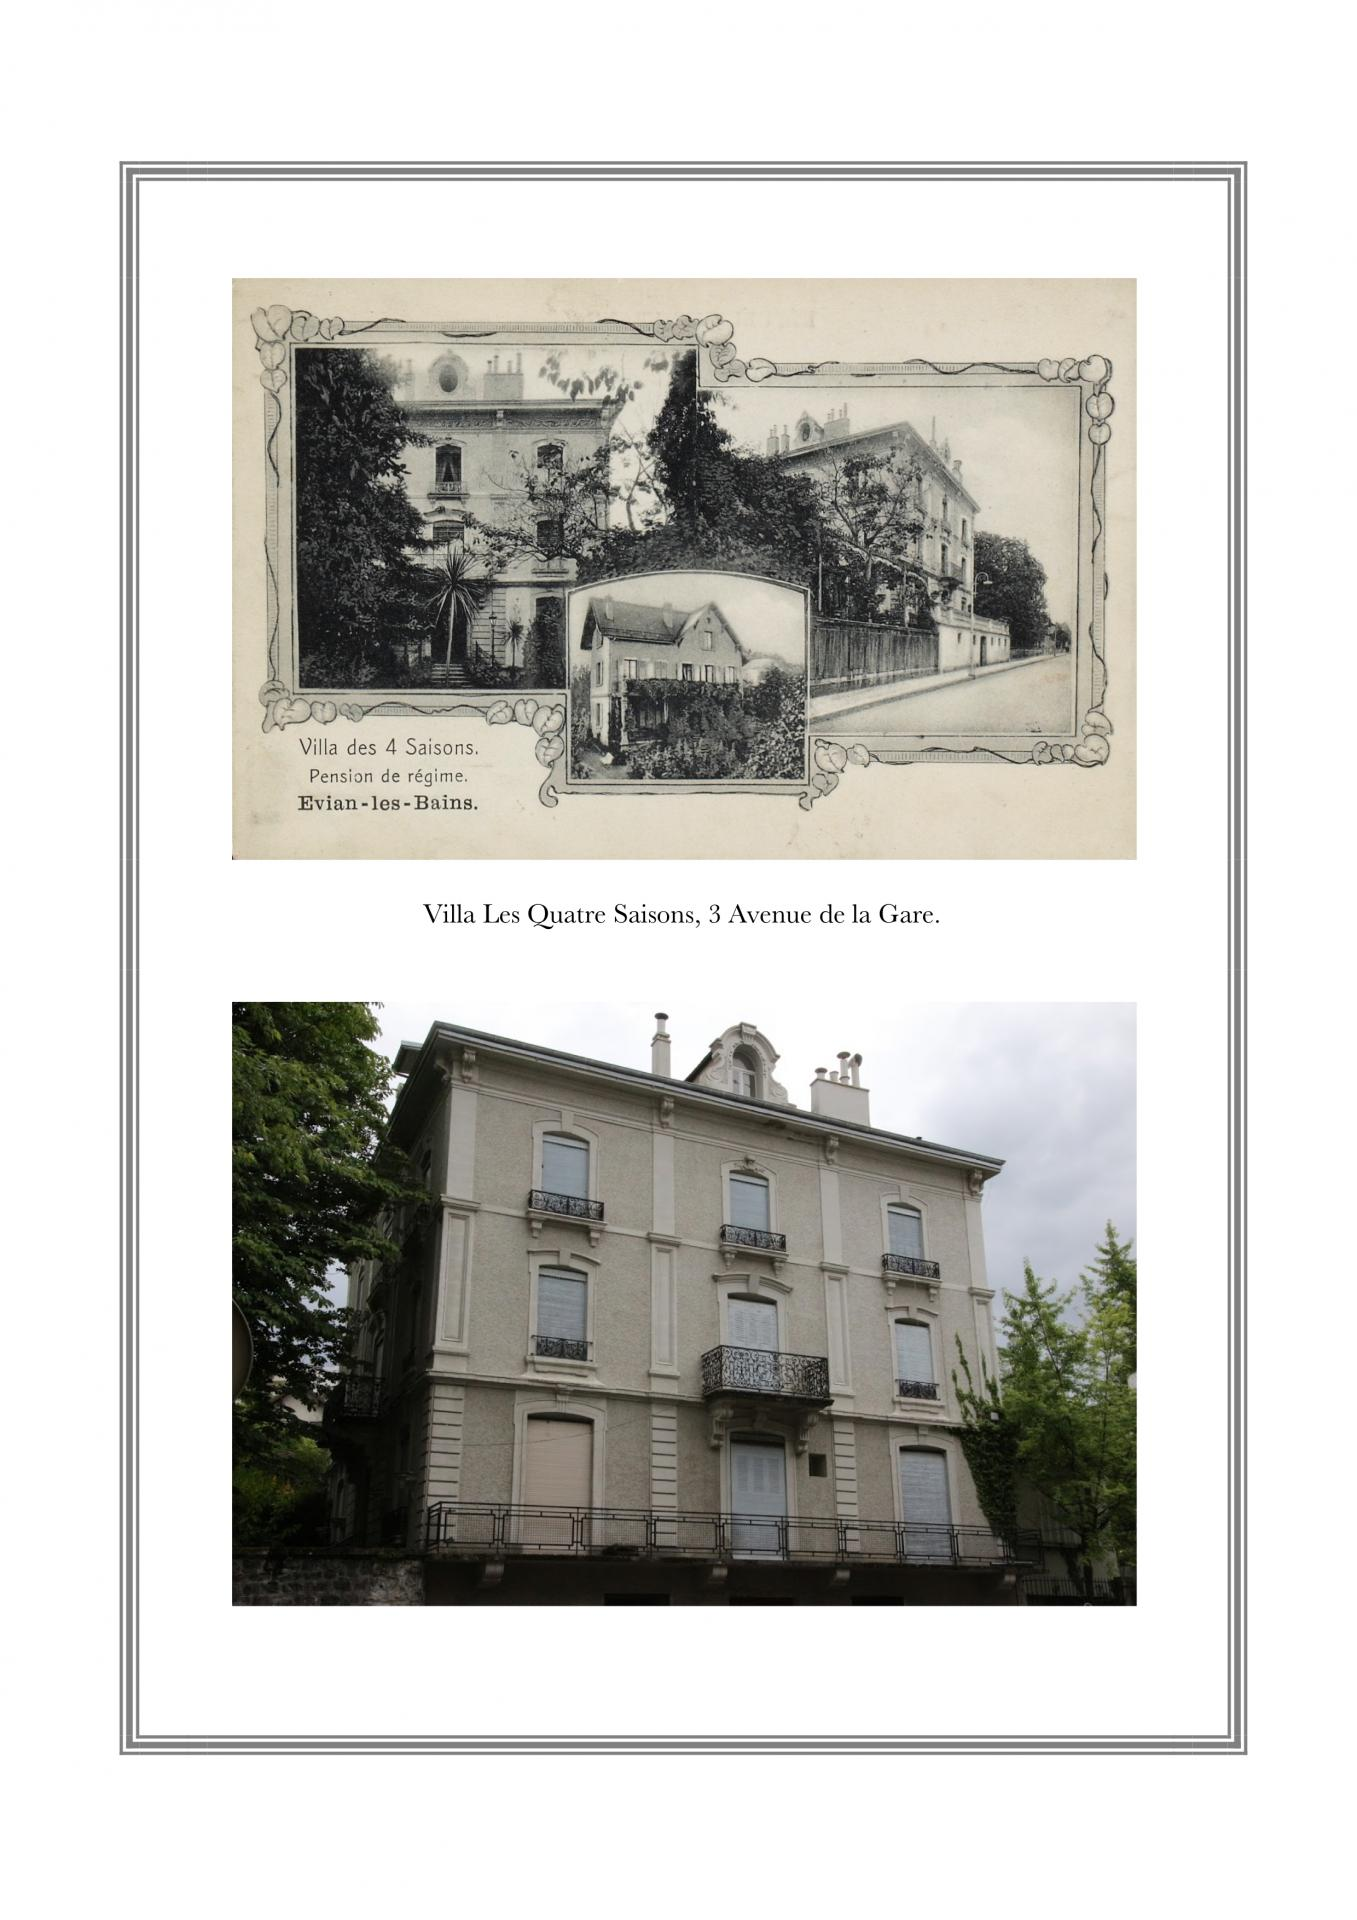 Villa Les Quatres Saisons, 3 avenue de la Gare